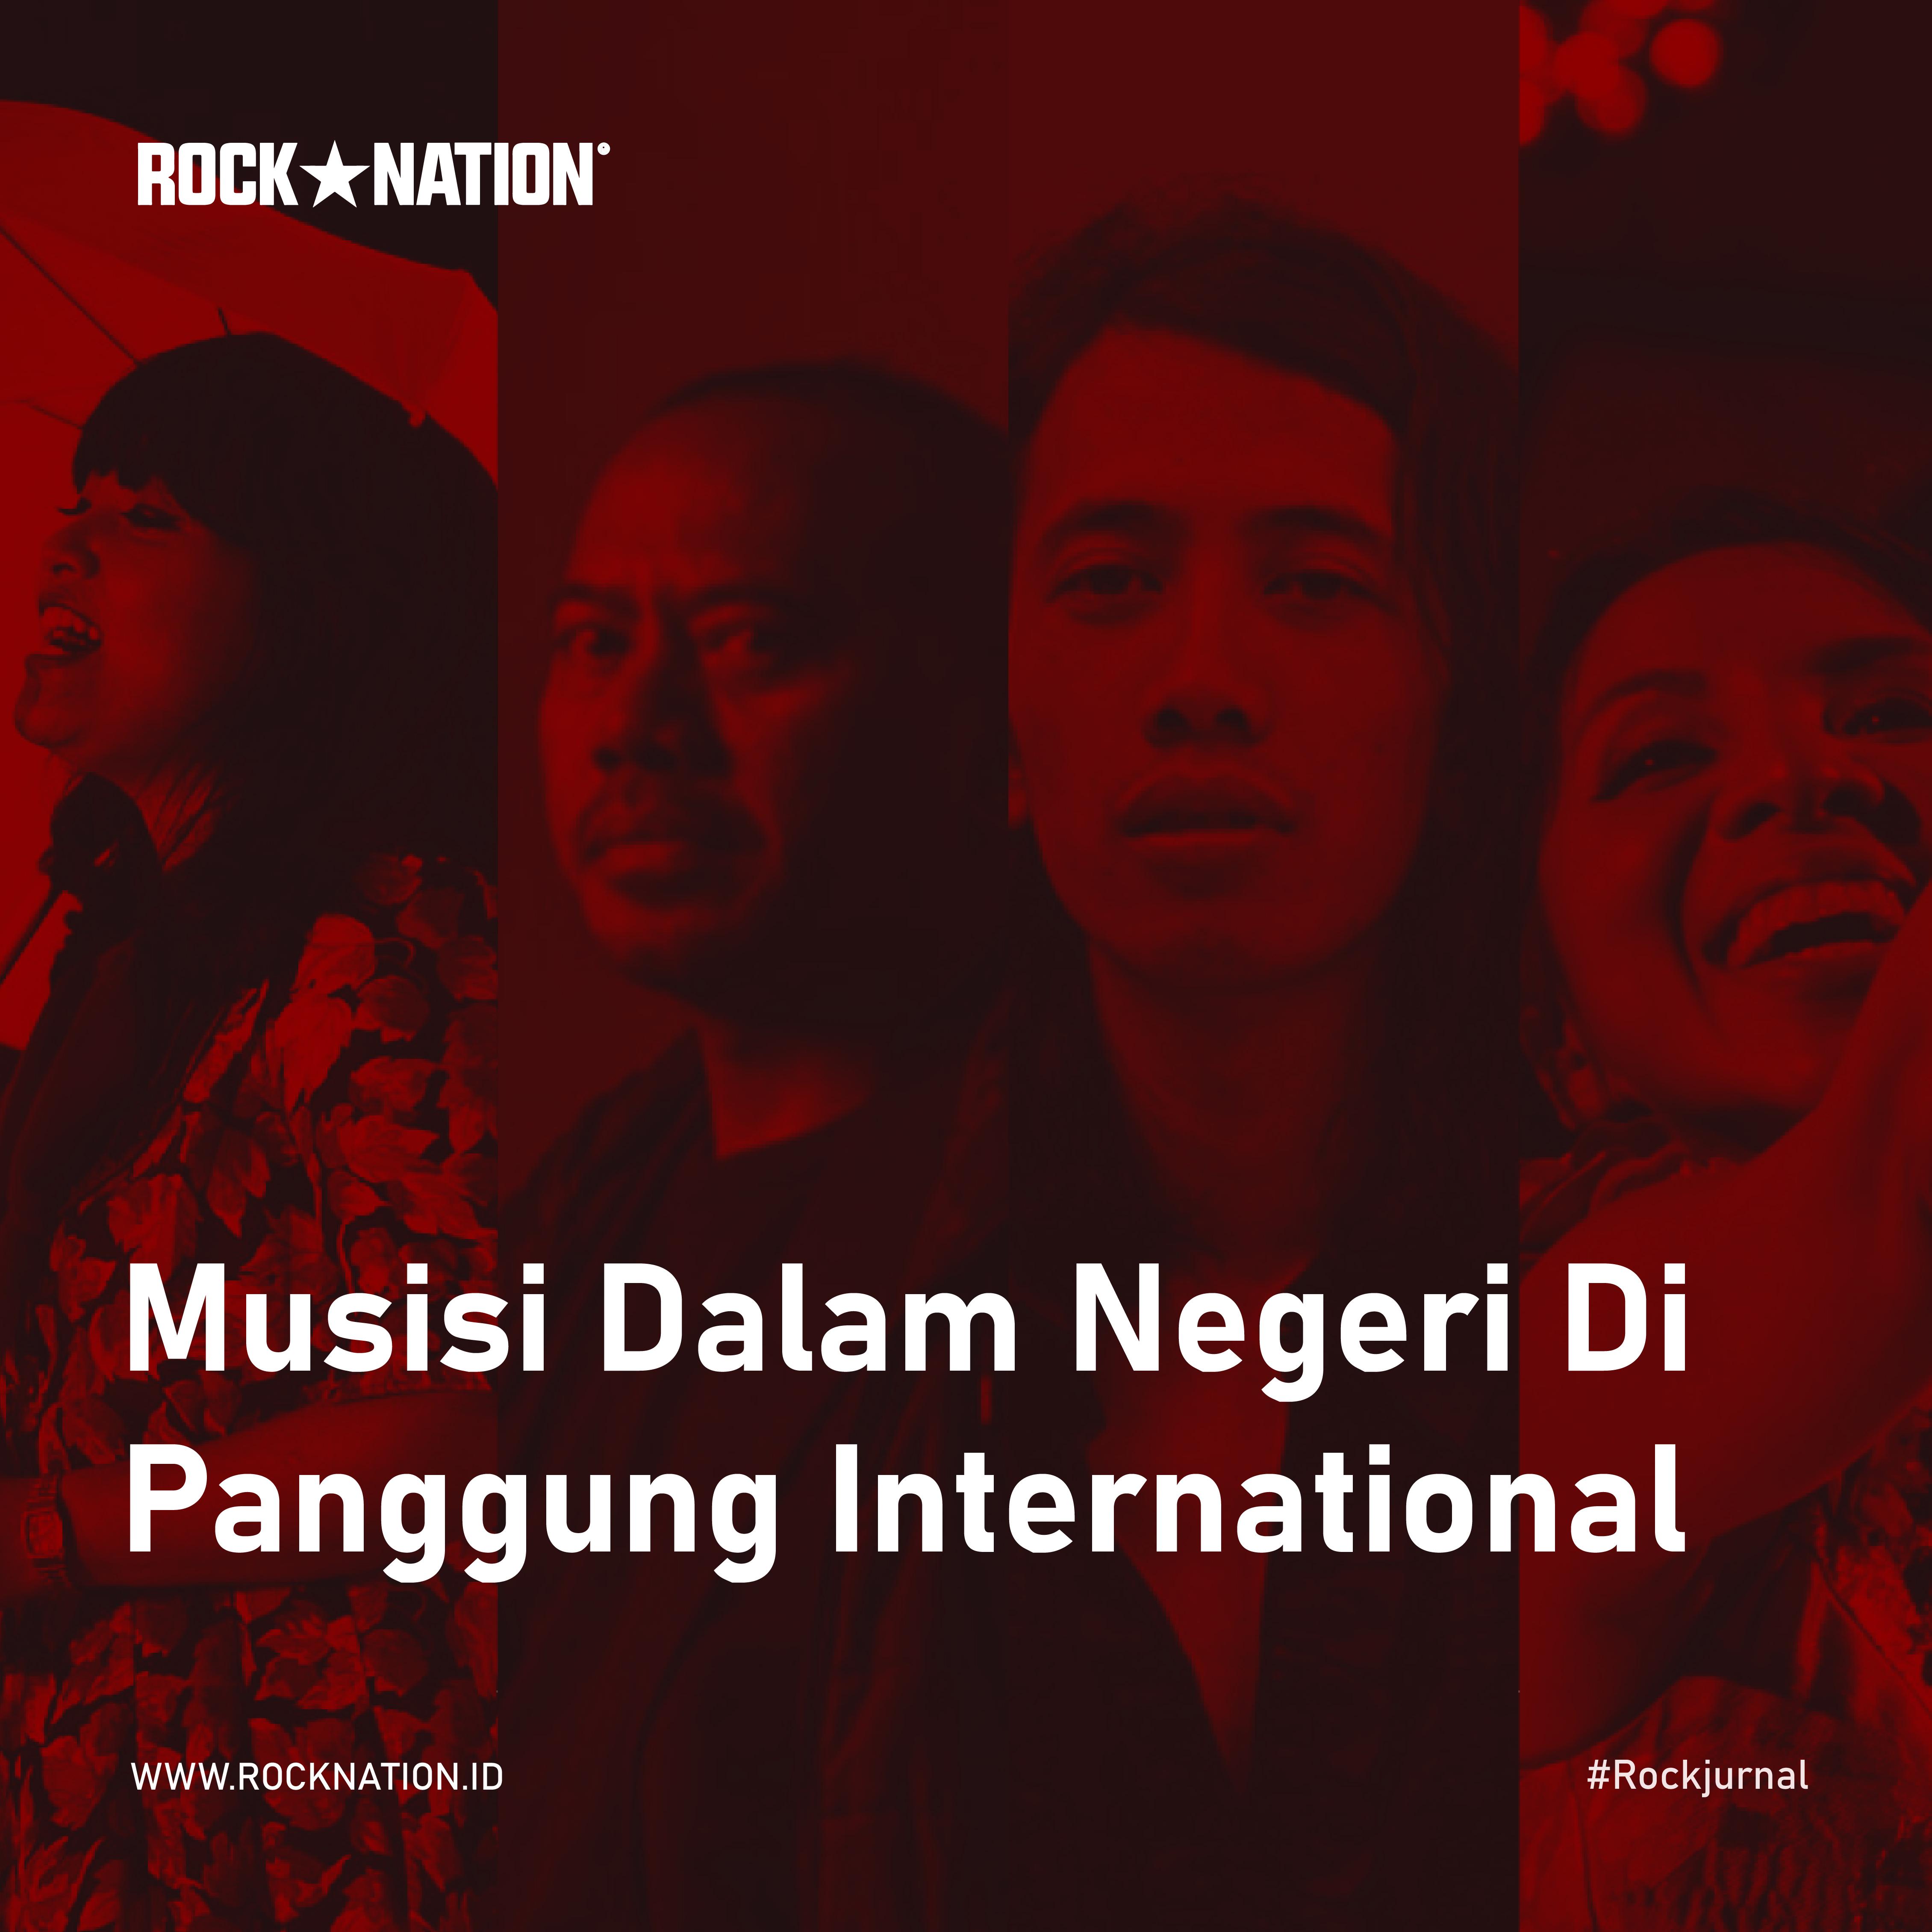 Musisi Dalam Negeri Di Panggung International image